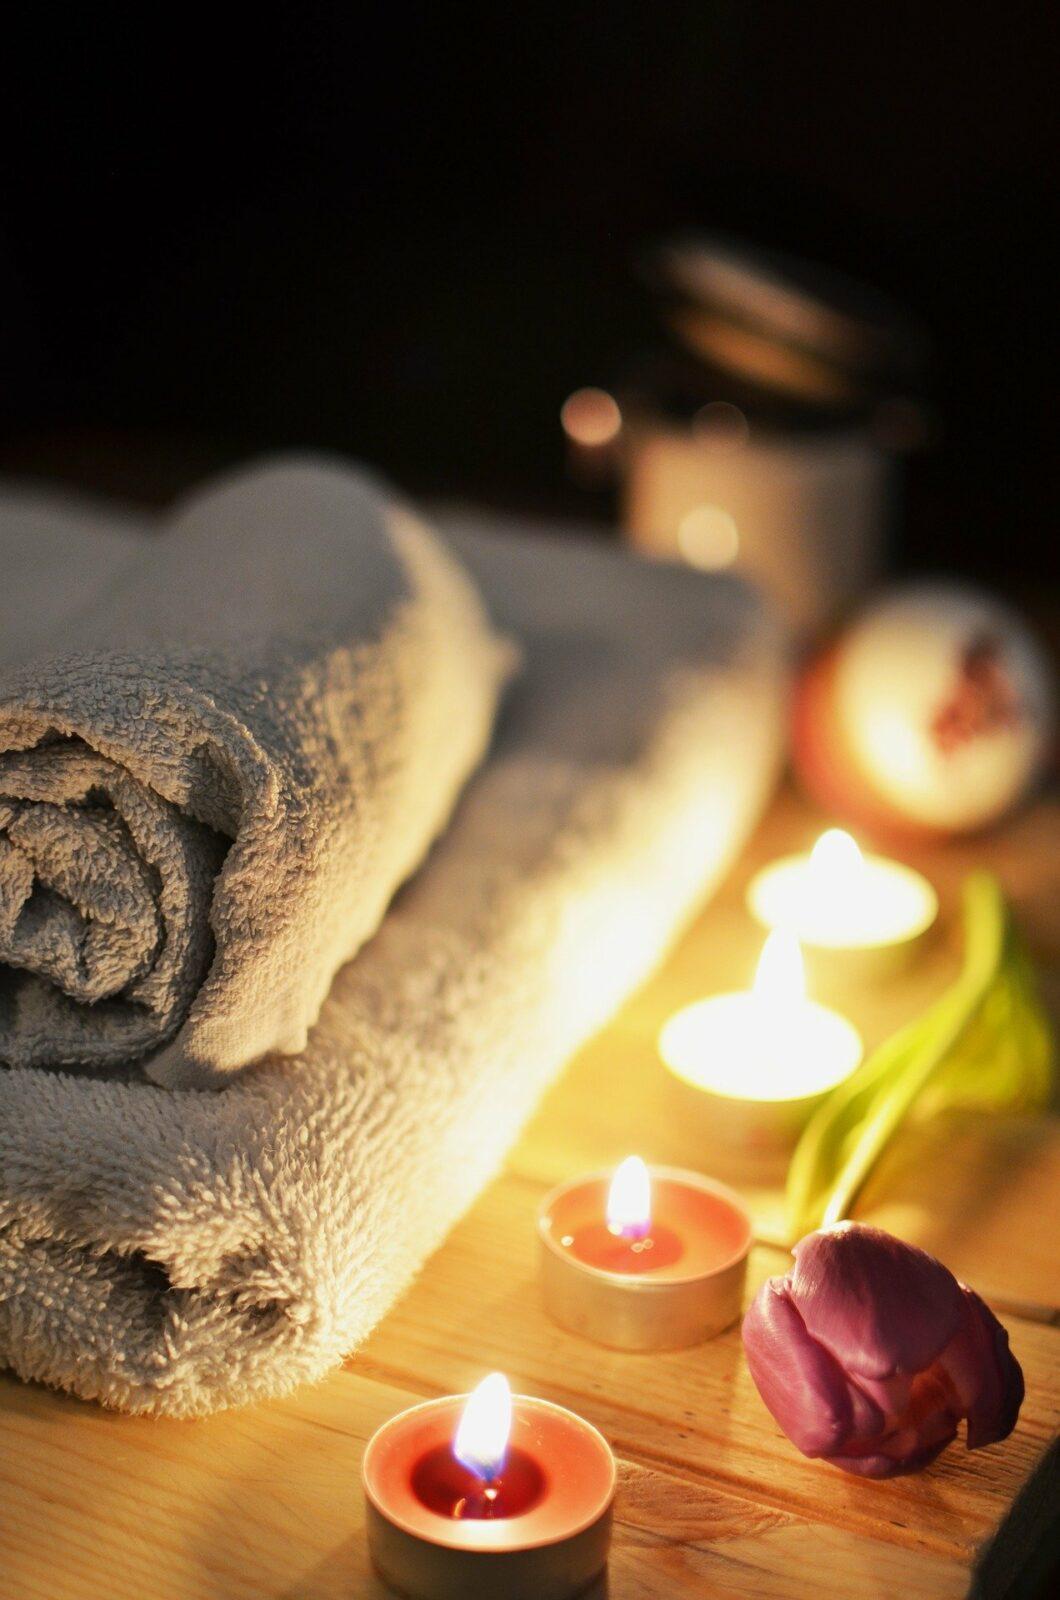 Ambiance de massage sensuel avec une rose et des bougies.